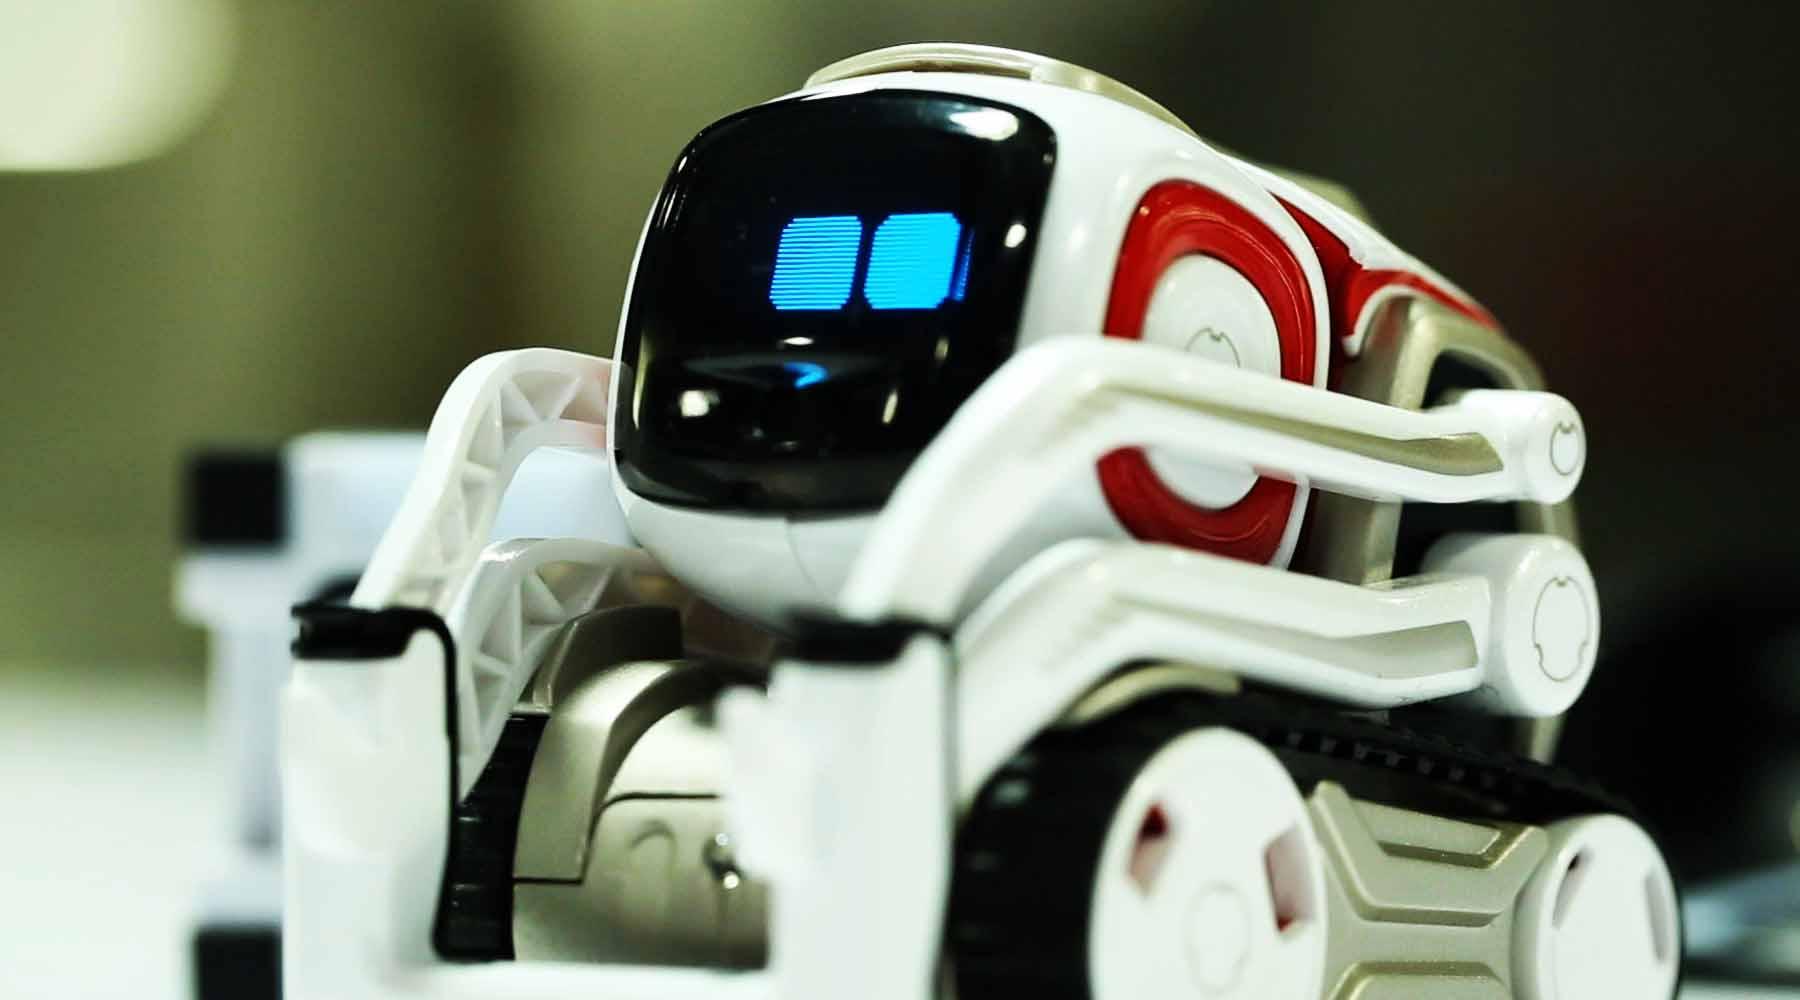 cozmo le petit robot intelligent d anki test et avis. Black Bedroom Furniture Sets. Home Design Ideas